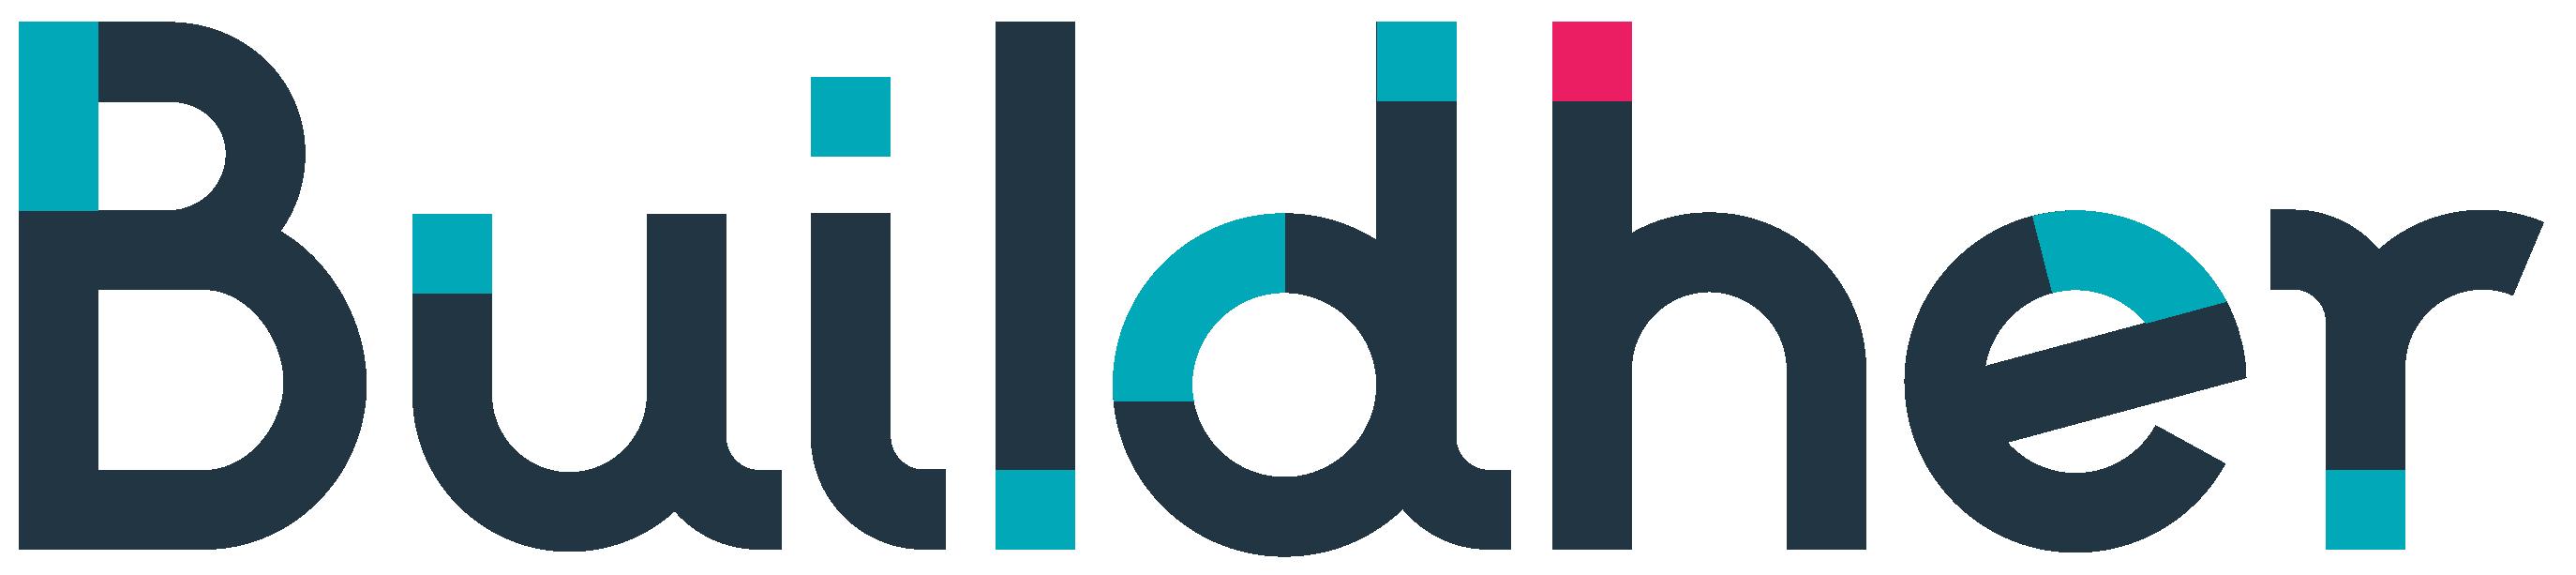 buildxlogo